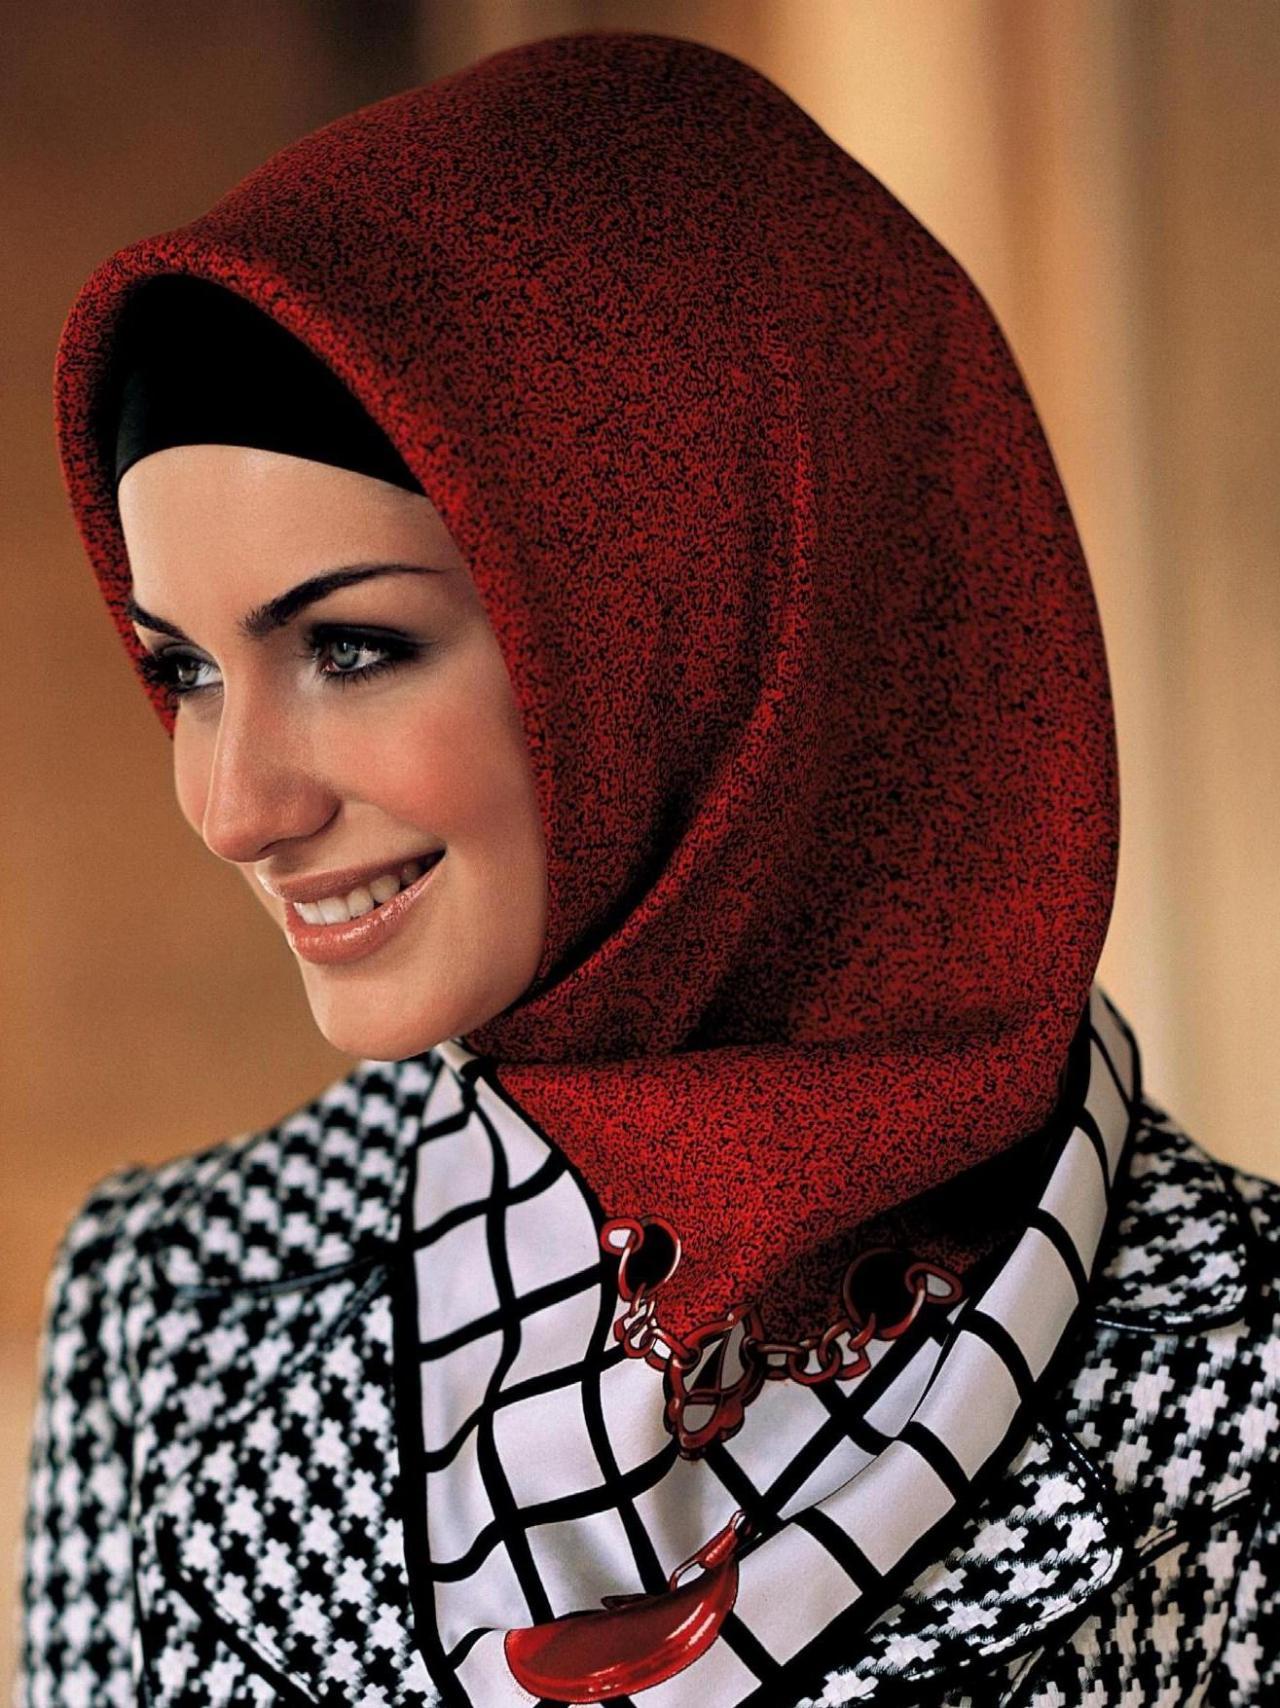 صورة طرق لف الحجاب التركي , لفات حجاب جديده وعصريه